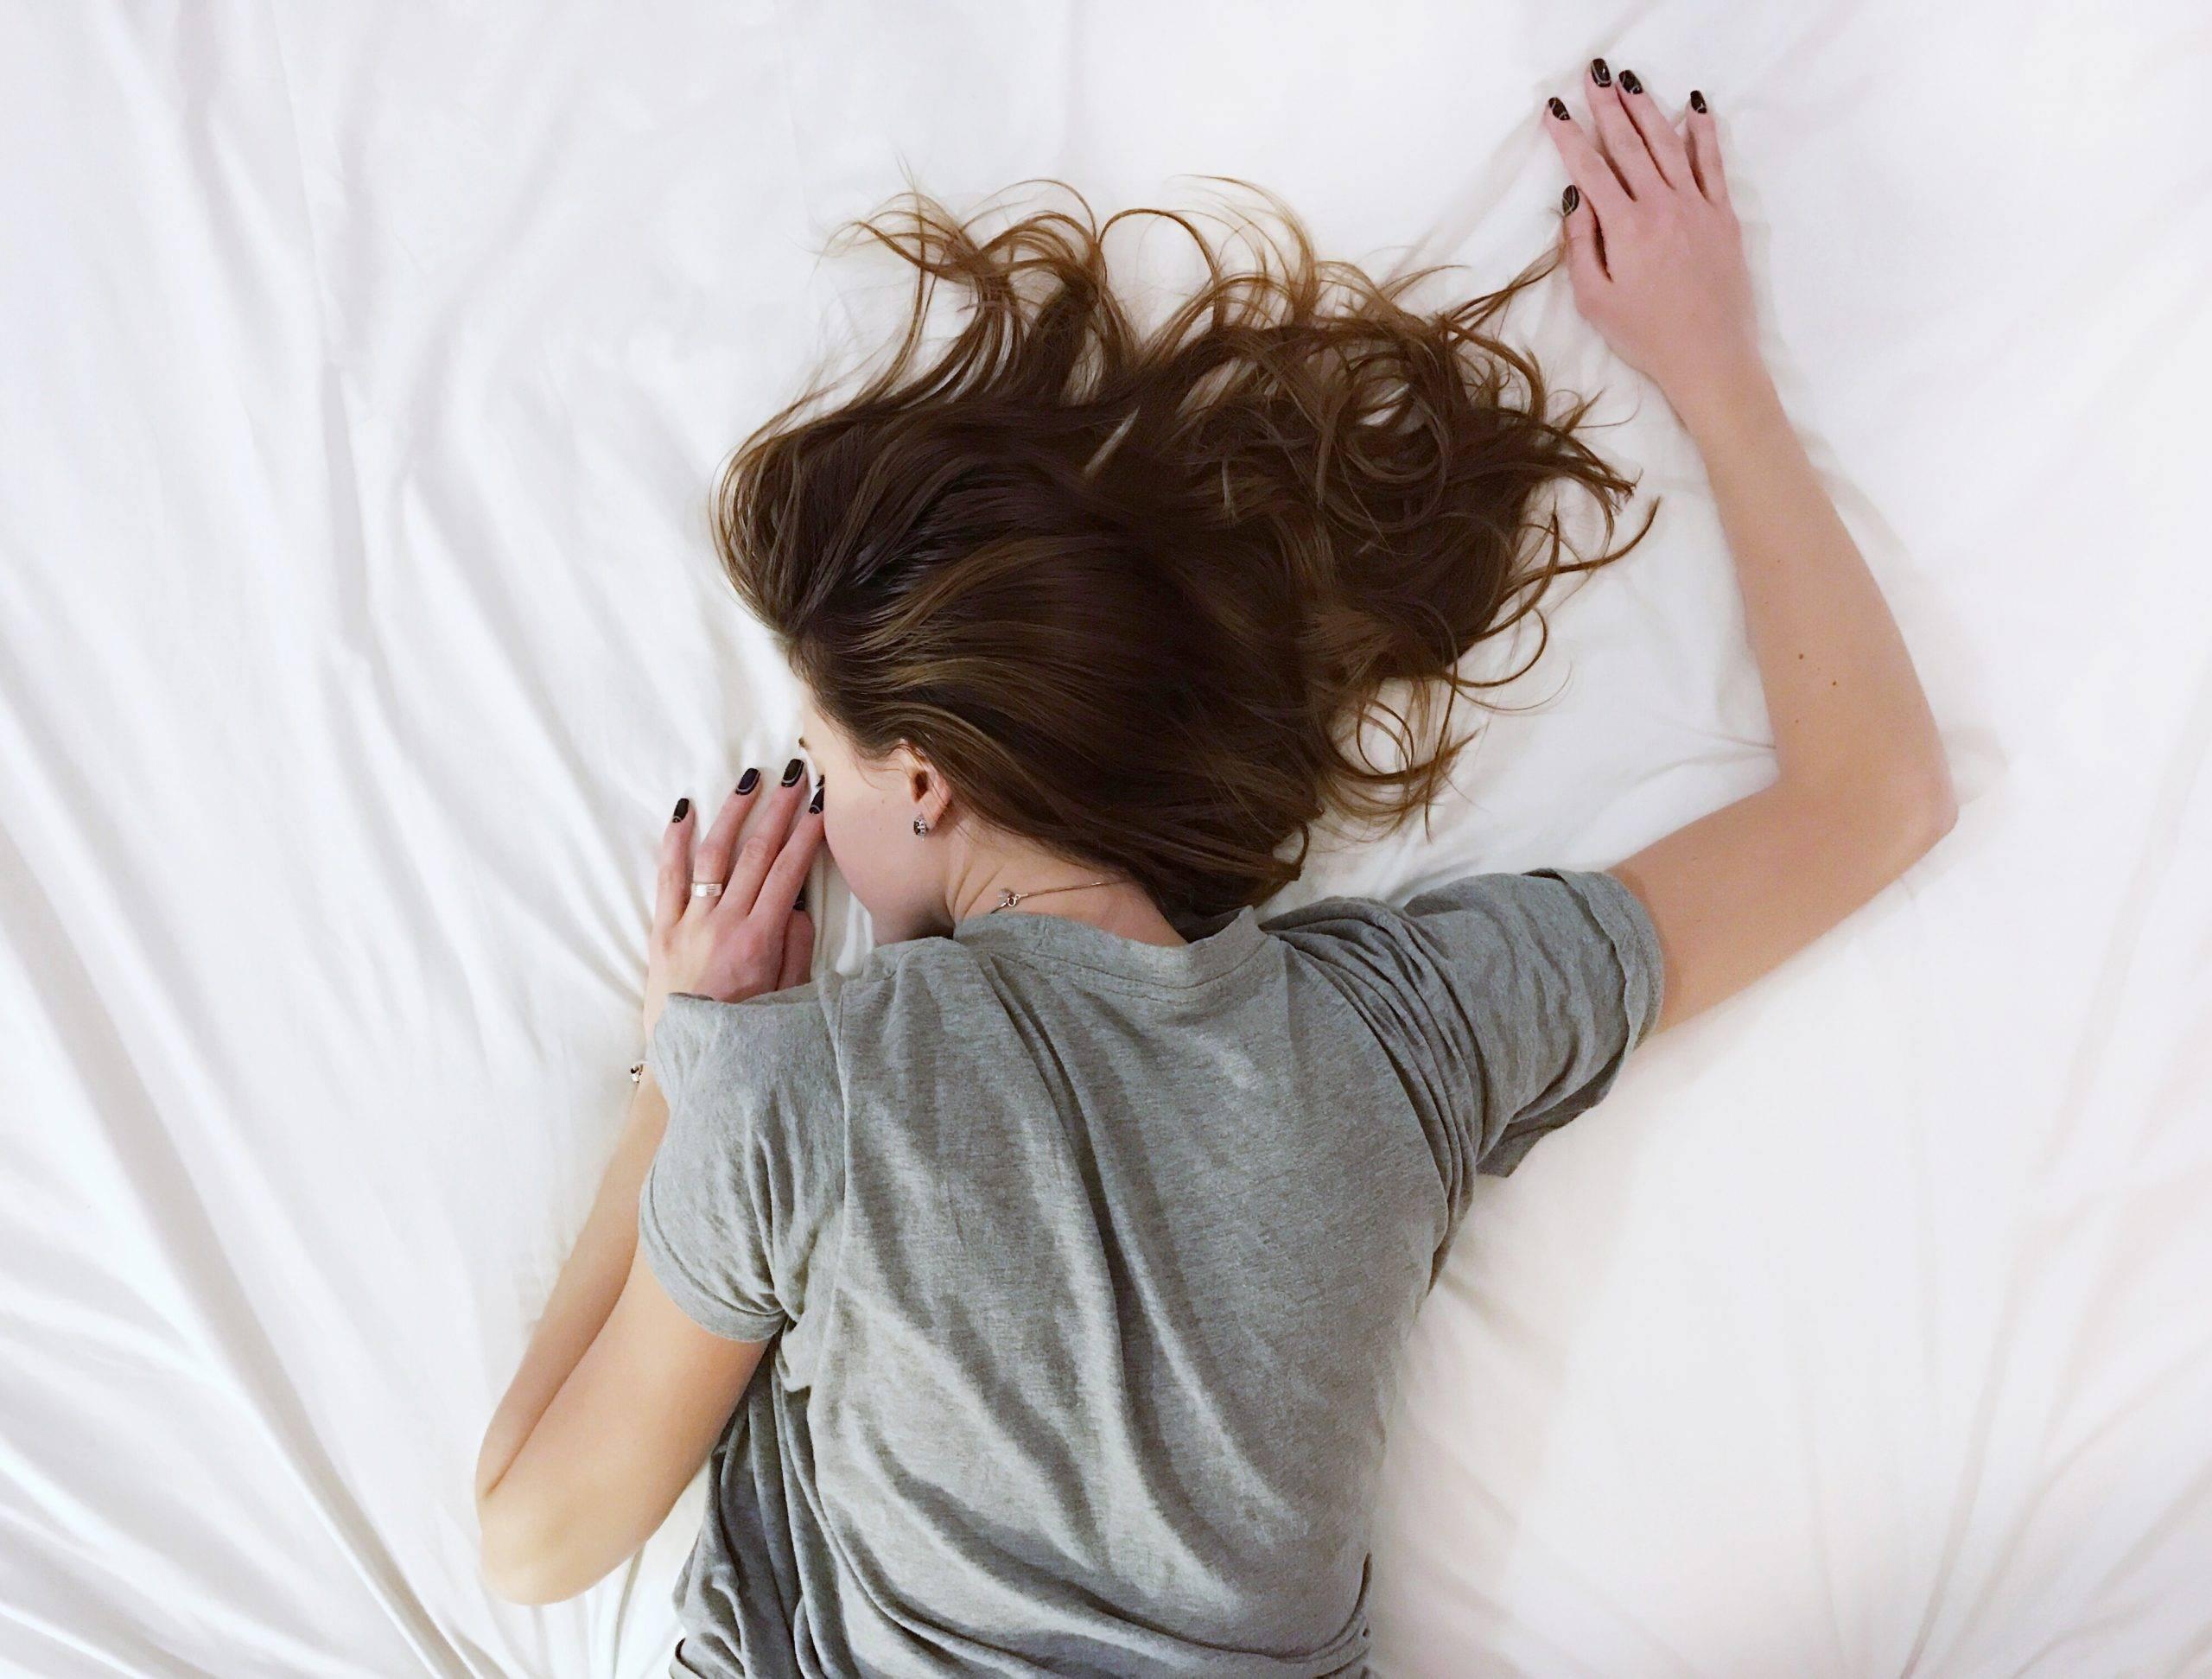 Jak rozpoznać depresję i jak sobie z nią poradzić wg medycyny chińskiej? Załamana dziewczyna w szarym t-shircie leży na brzuchu na łóżku na białym prześcieradle.